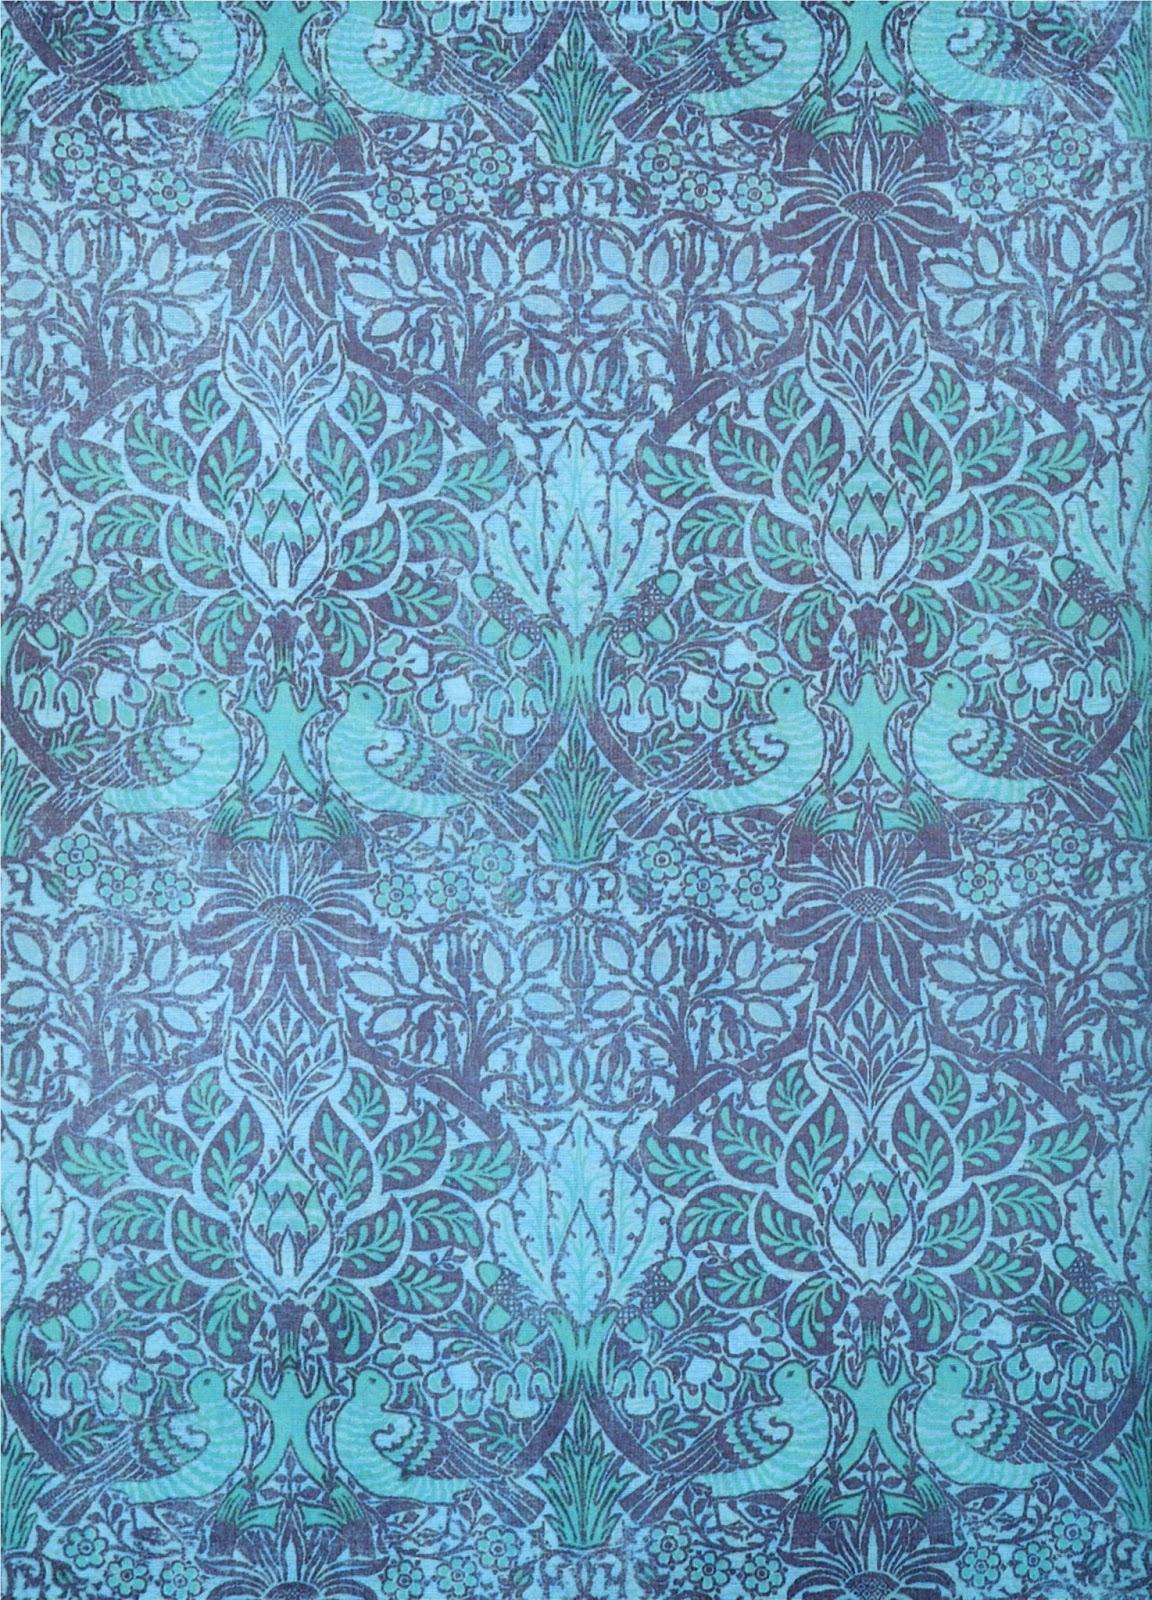 Indie Art Desktop Backgrounds 1152x1600